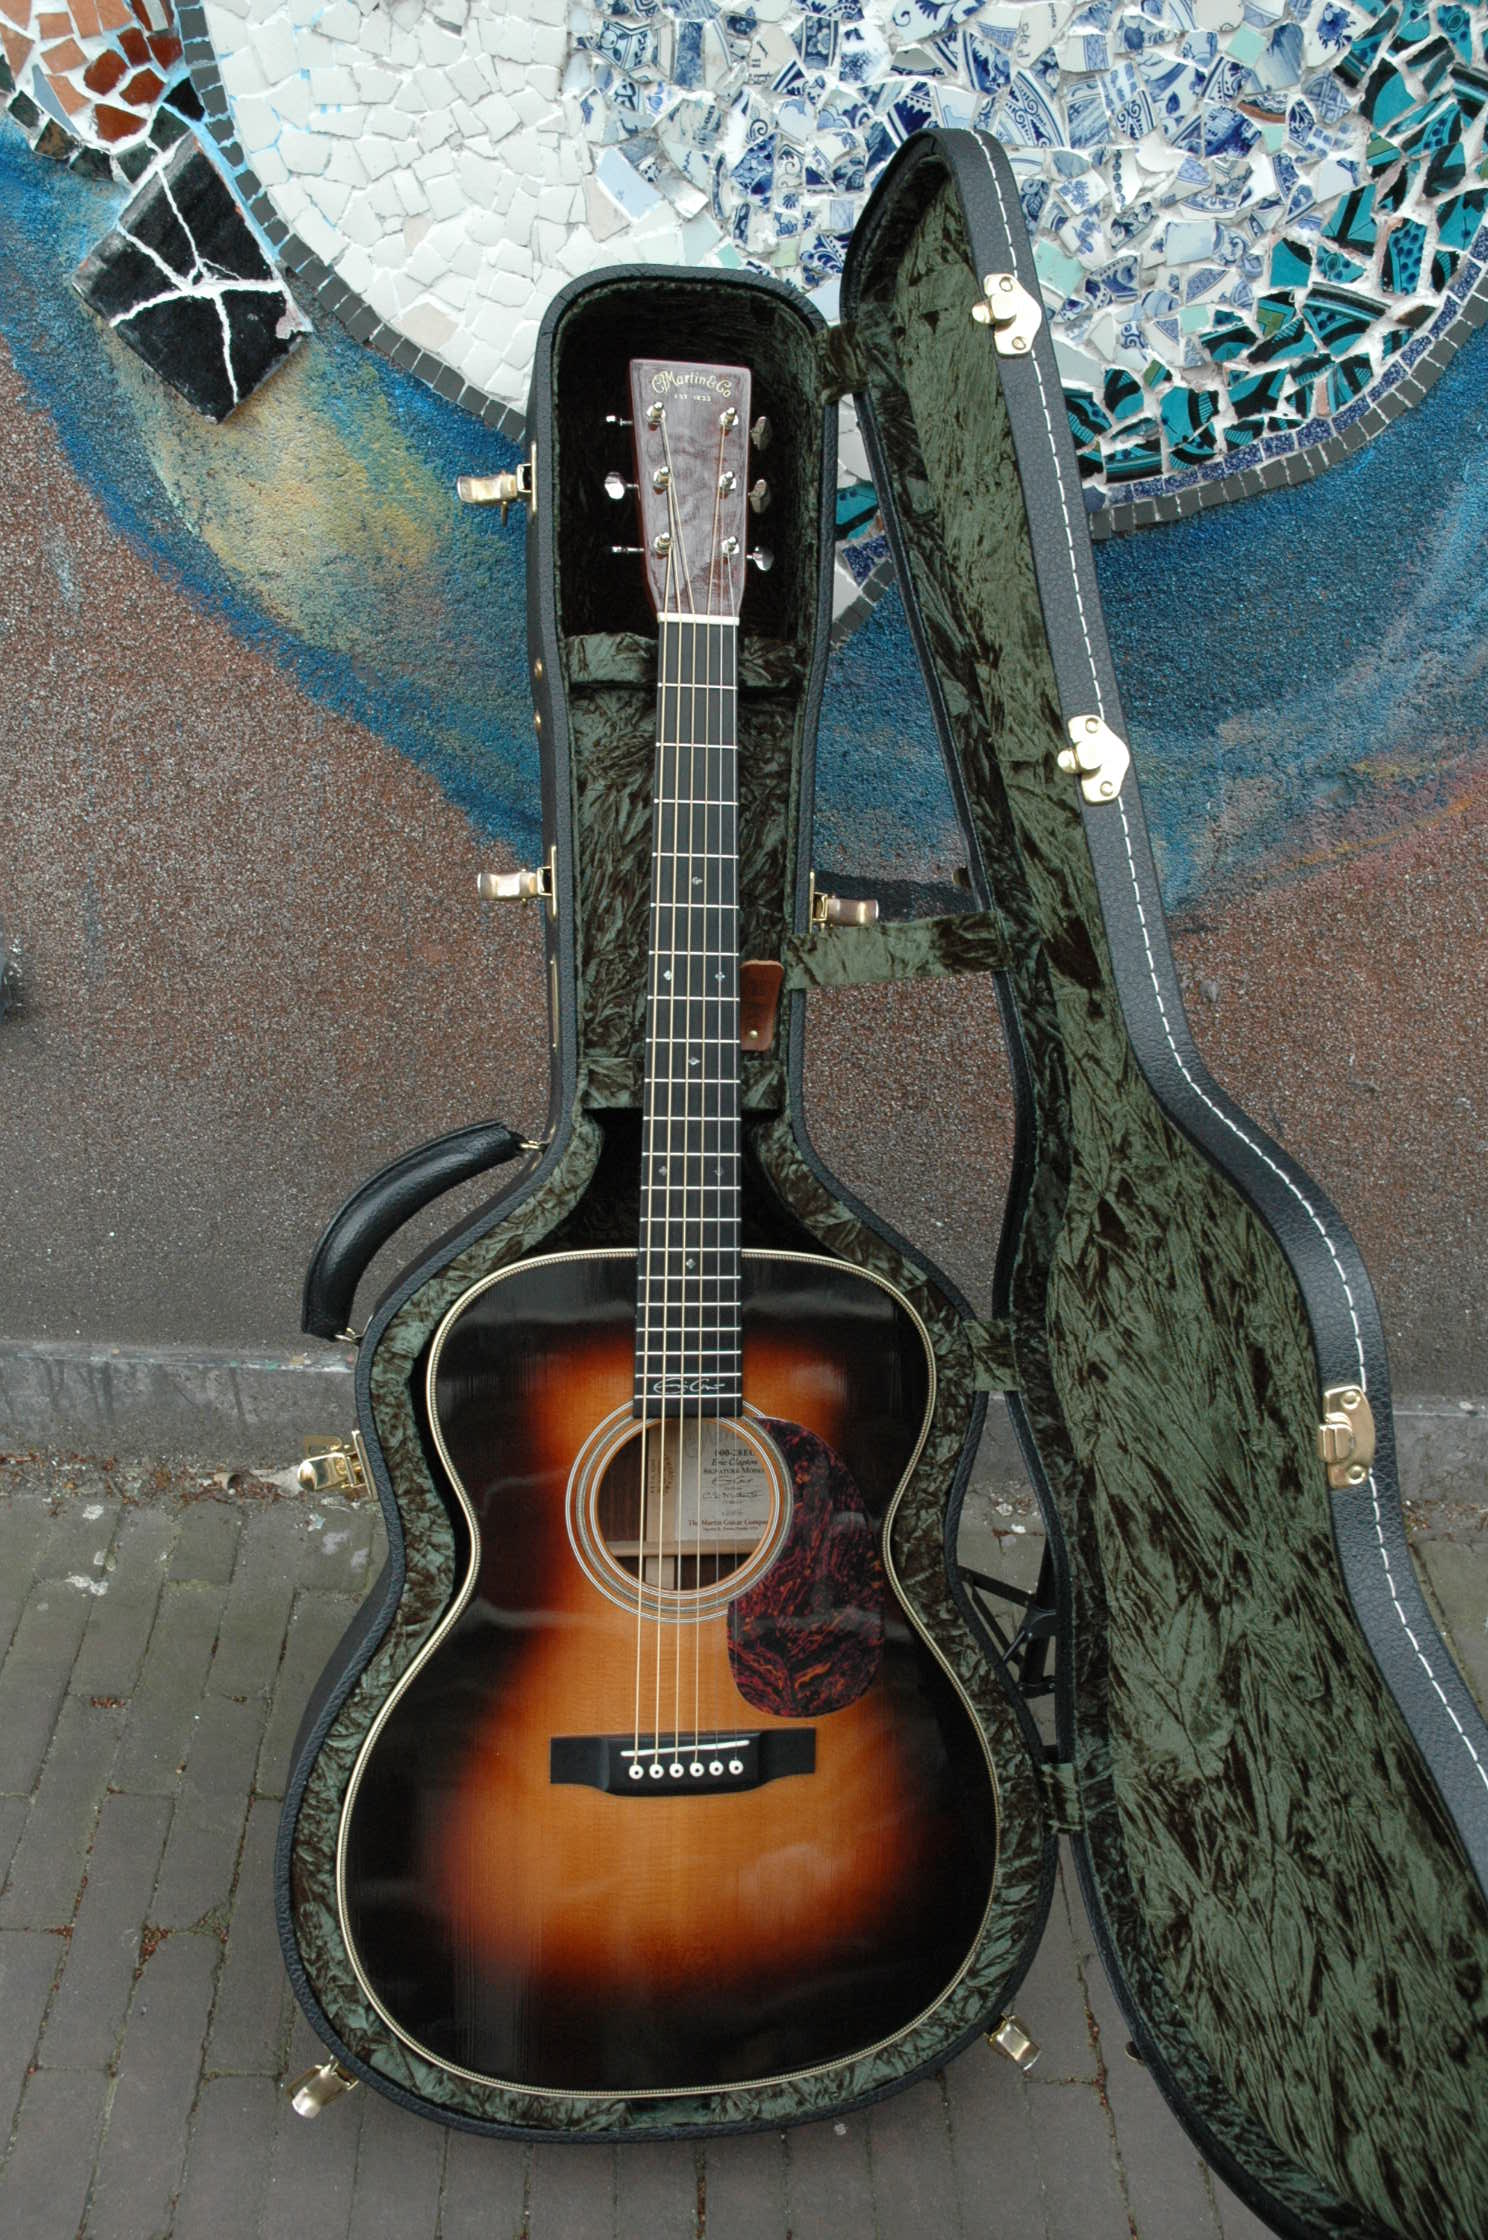 martin 000 28ec 2010 39 s guitar for sale deplug. Black Bedroom Furniture Sets. Home Design Ideas